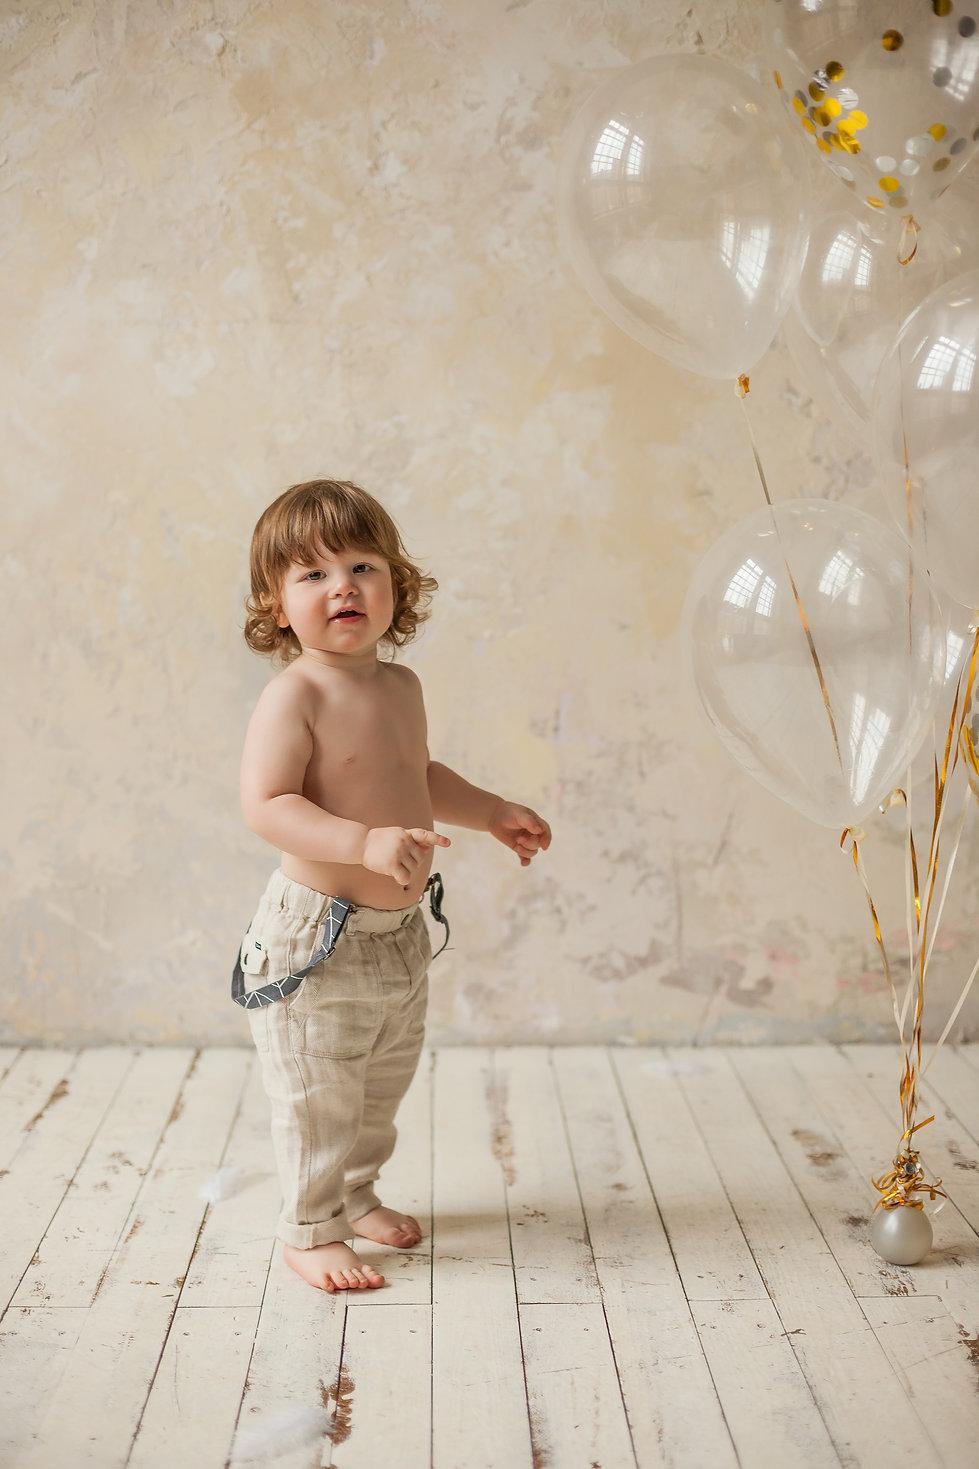 детский фотограф хороший